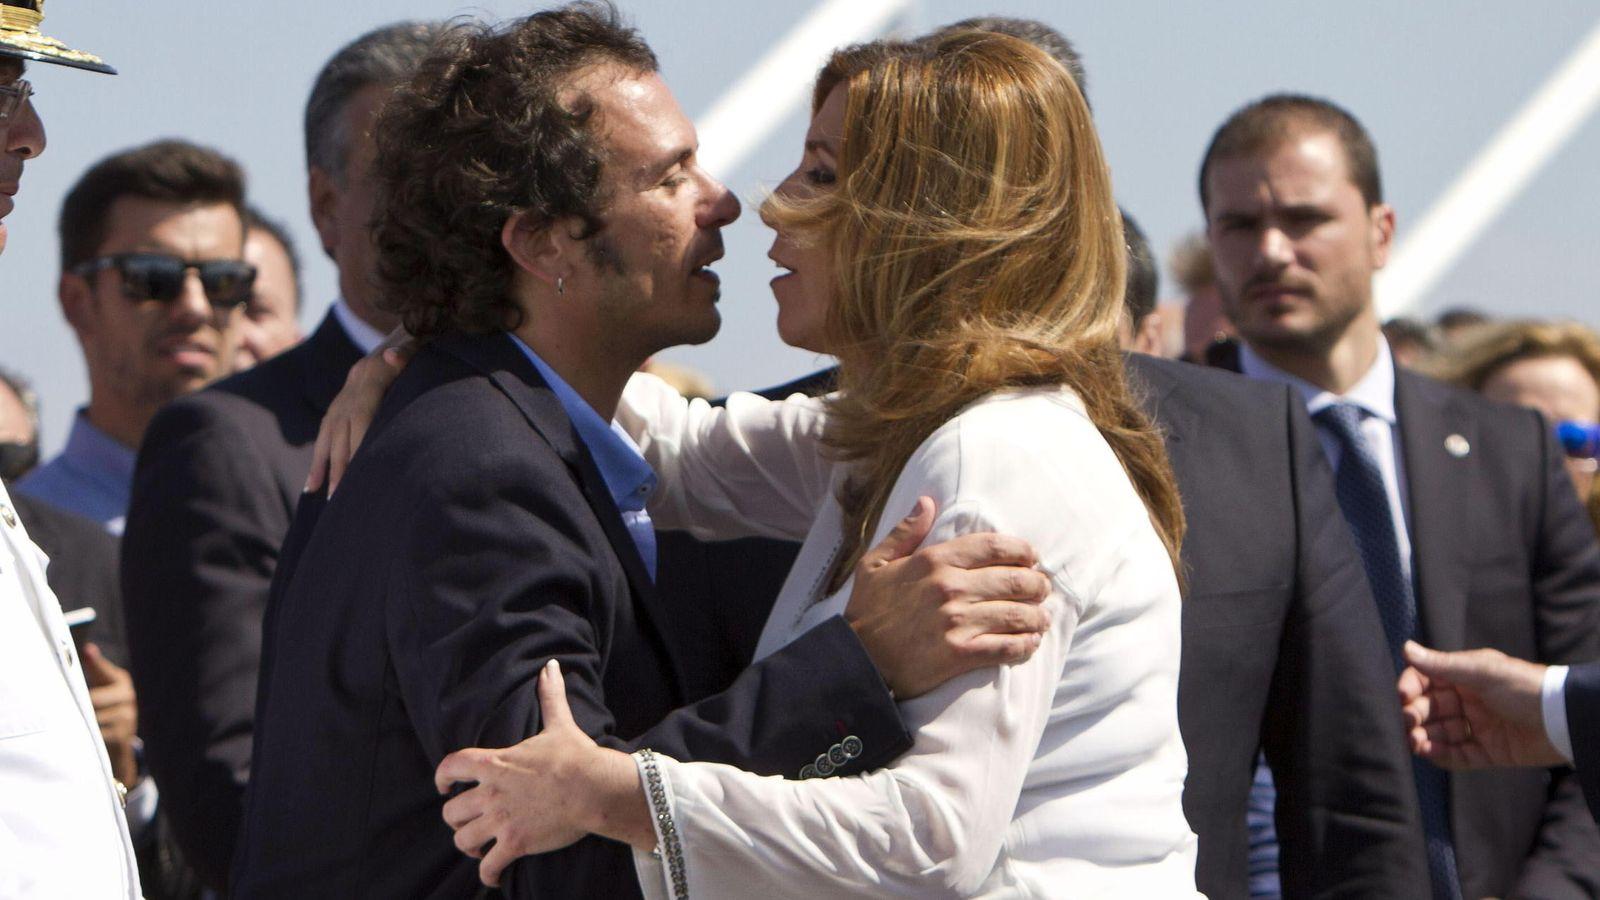 Foto: La presidenta de la Junta de Andalucía, Susana Díaz, y el alcalde de Cádiz, José María González, 'Kichi', el pasado mes de septiembre. (EFE)